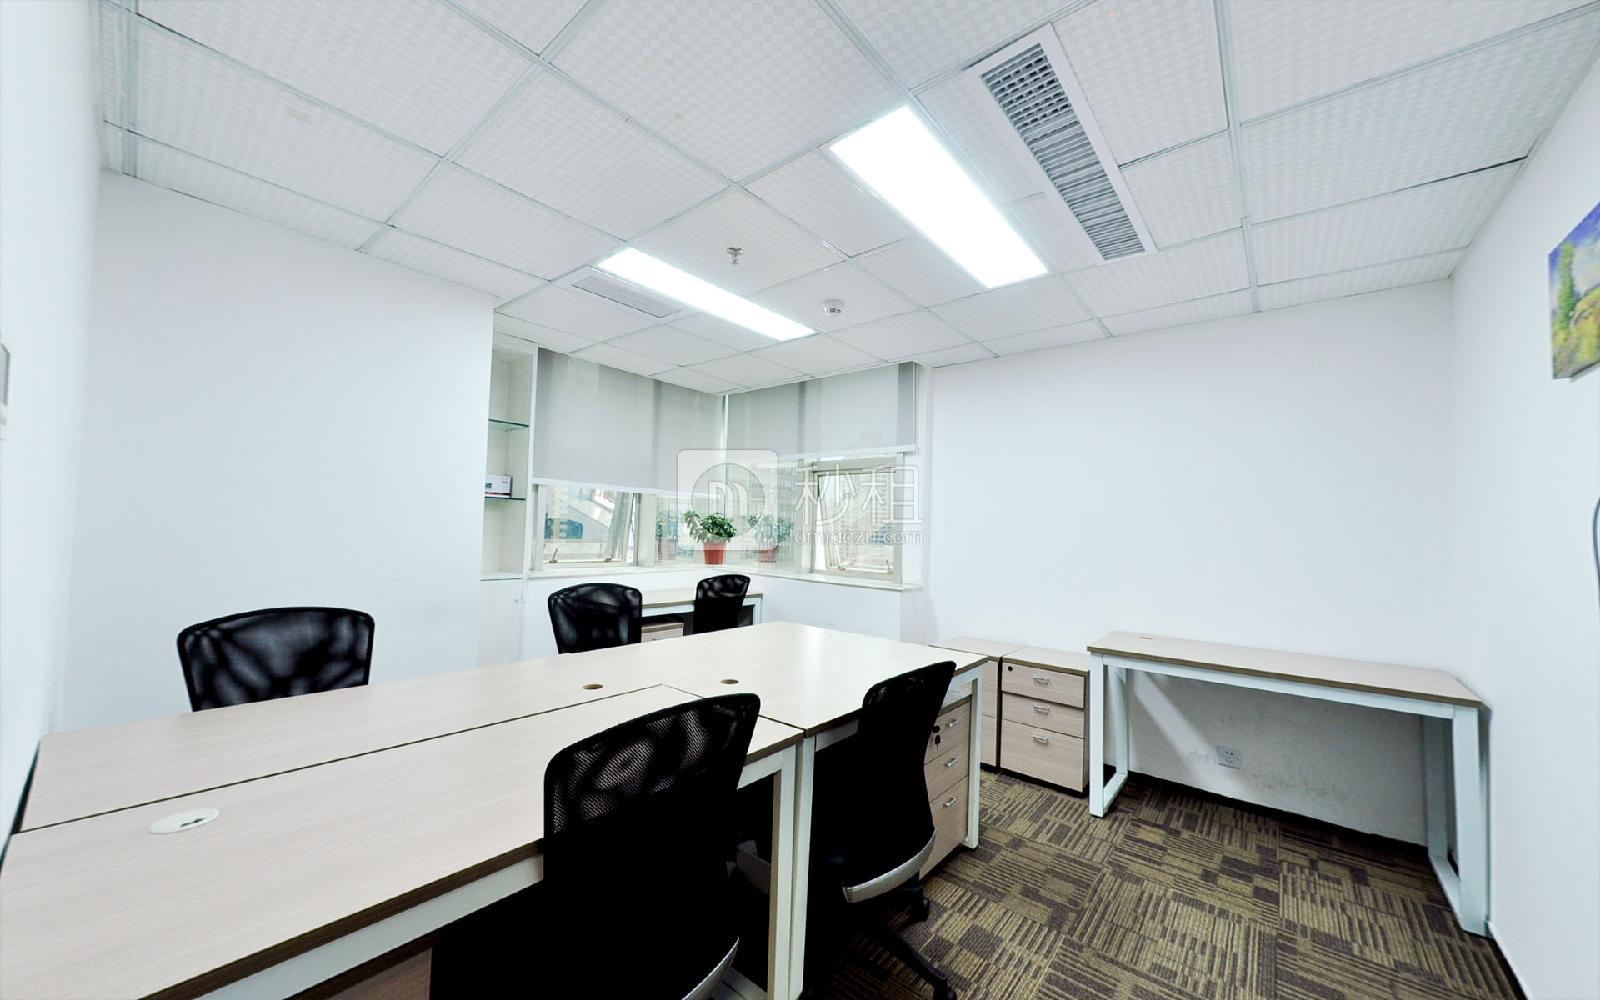 鸿空间-航都大厦写字楼出租27平米精装办公室5600元/间.月